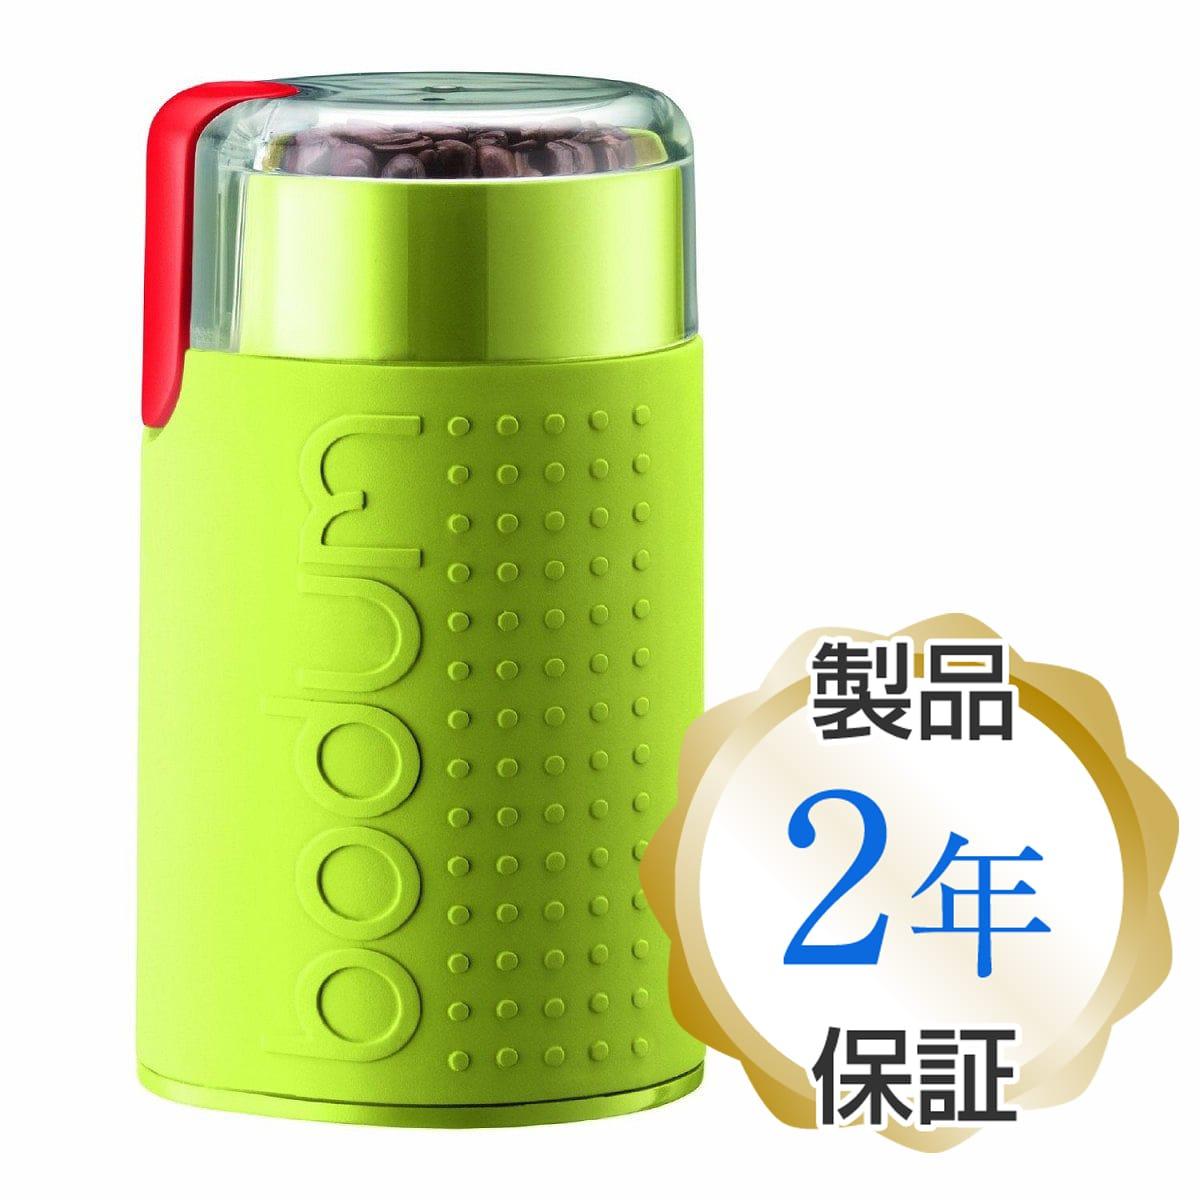 ボダム コーヒーグラインダー 豆挽き グリーン Bodum Bistro Electric Blade Coffee Grinder 11160-565US 電動コーヒーミル プロペラ式 家電